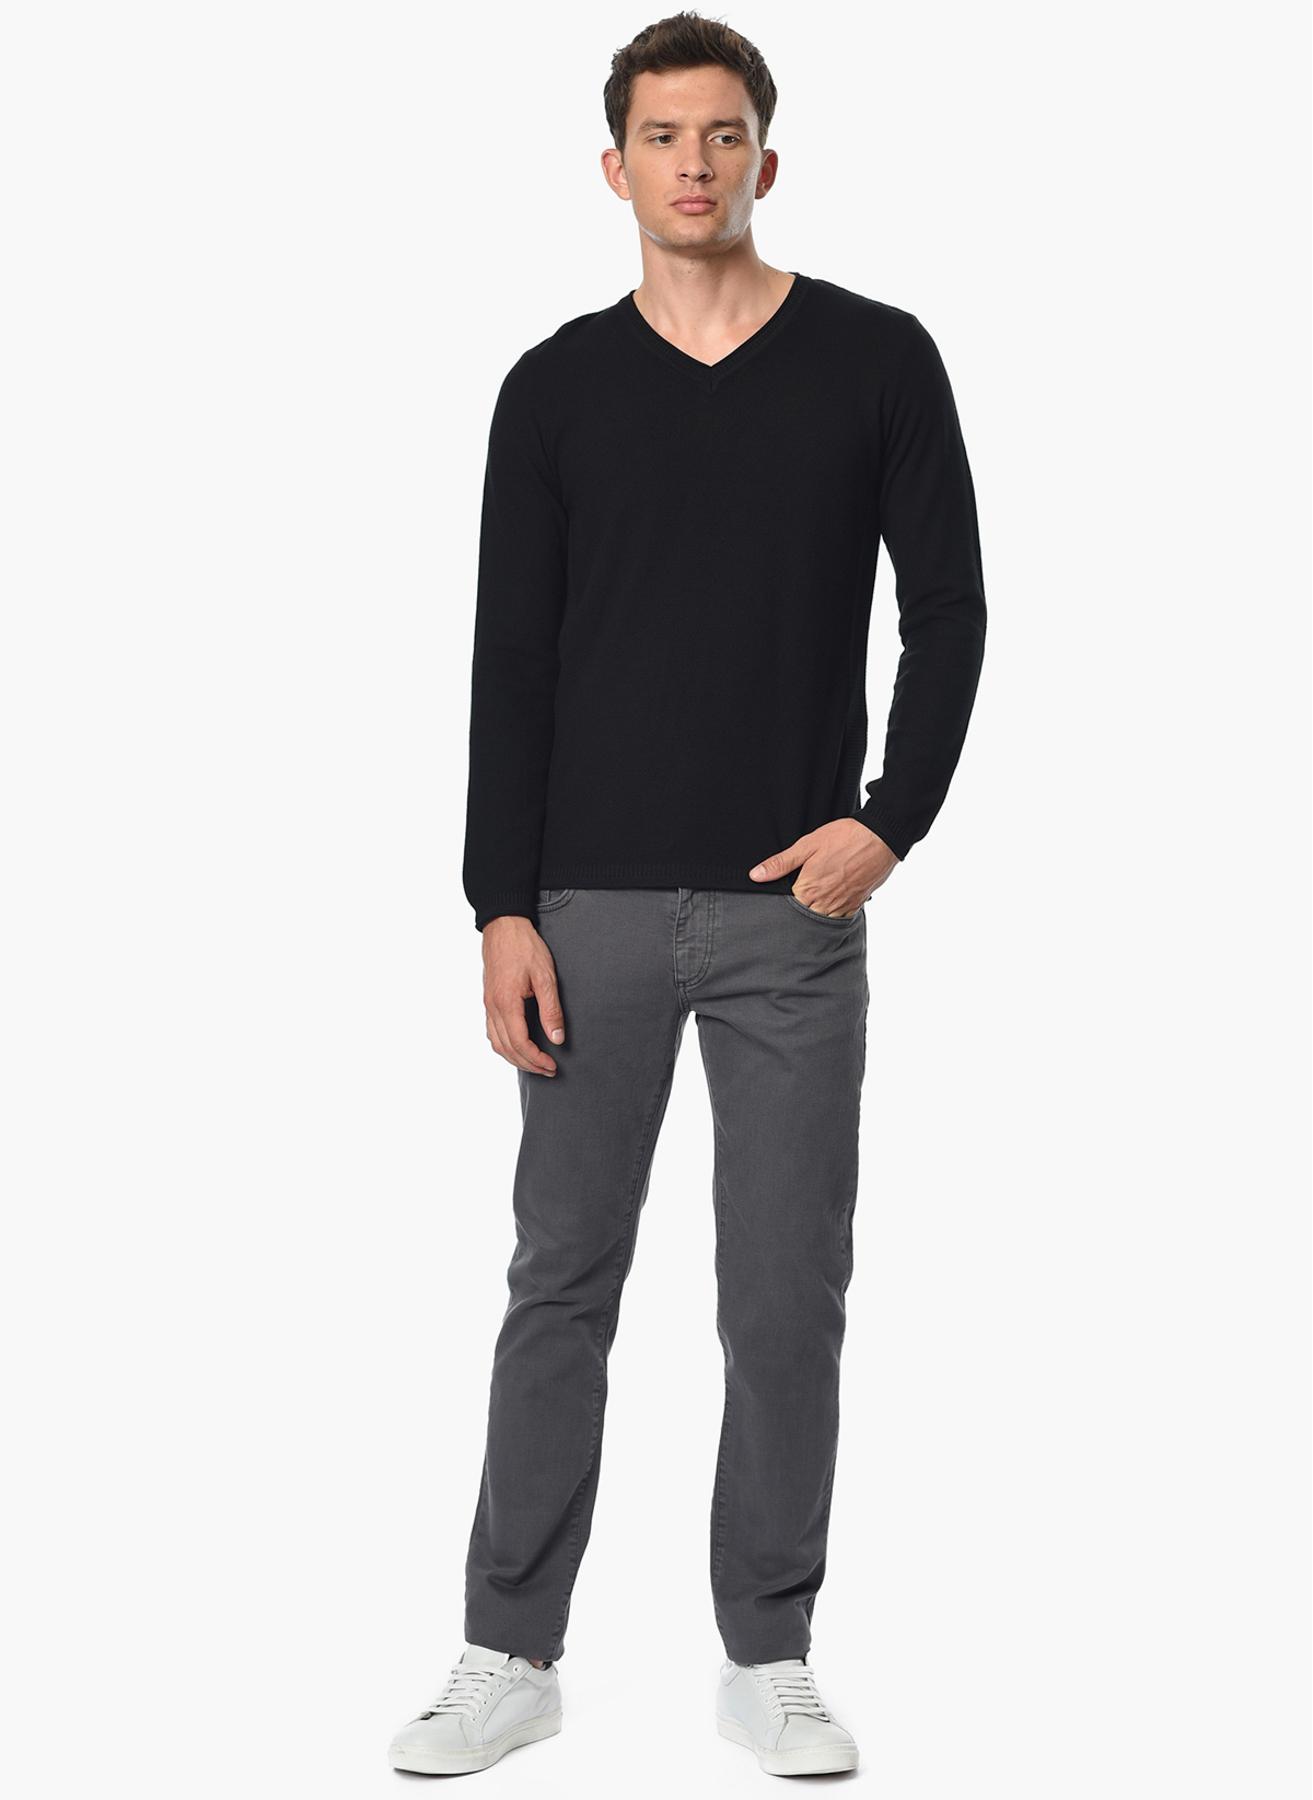 George Hogg Antrasit Klasik Pantolon 36 5001918283004 Ürün Resmi